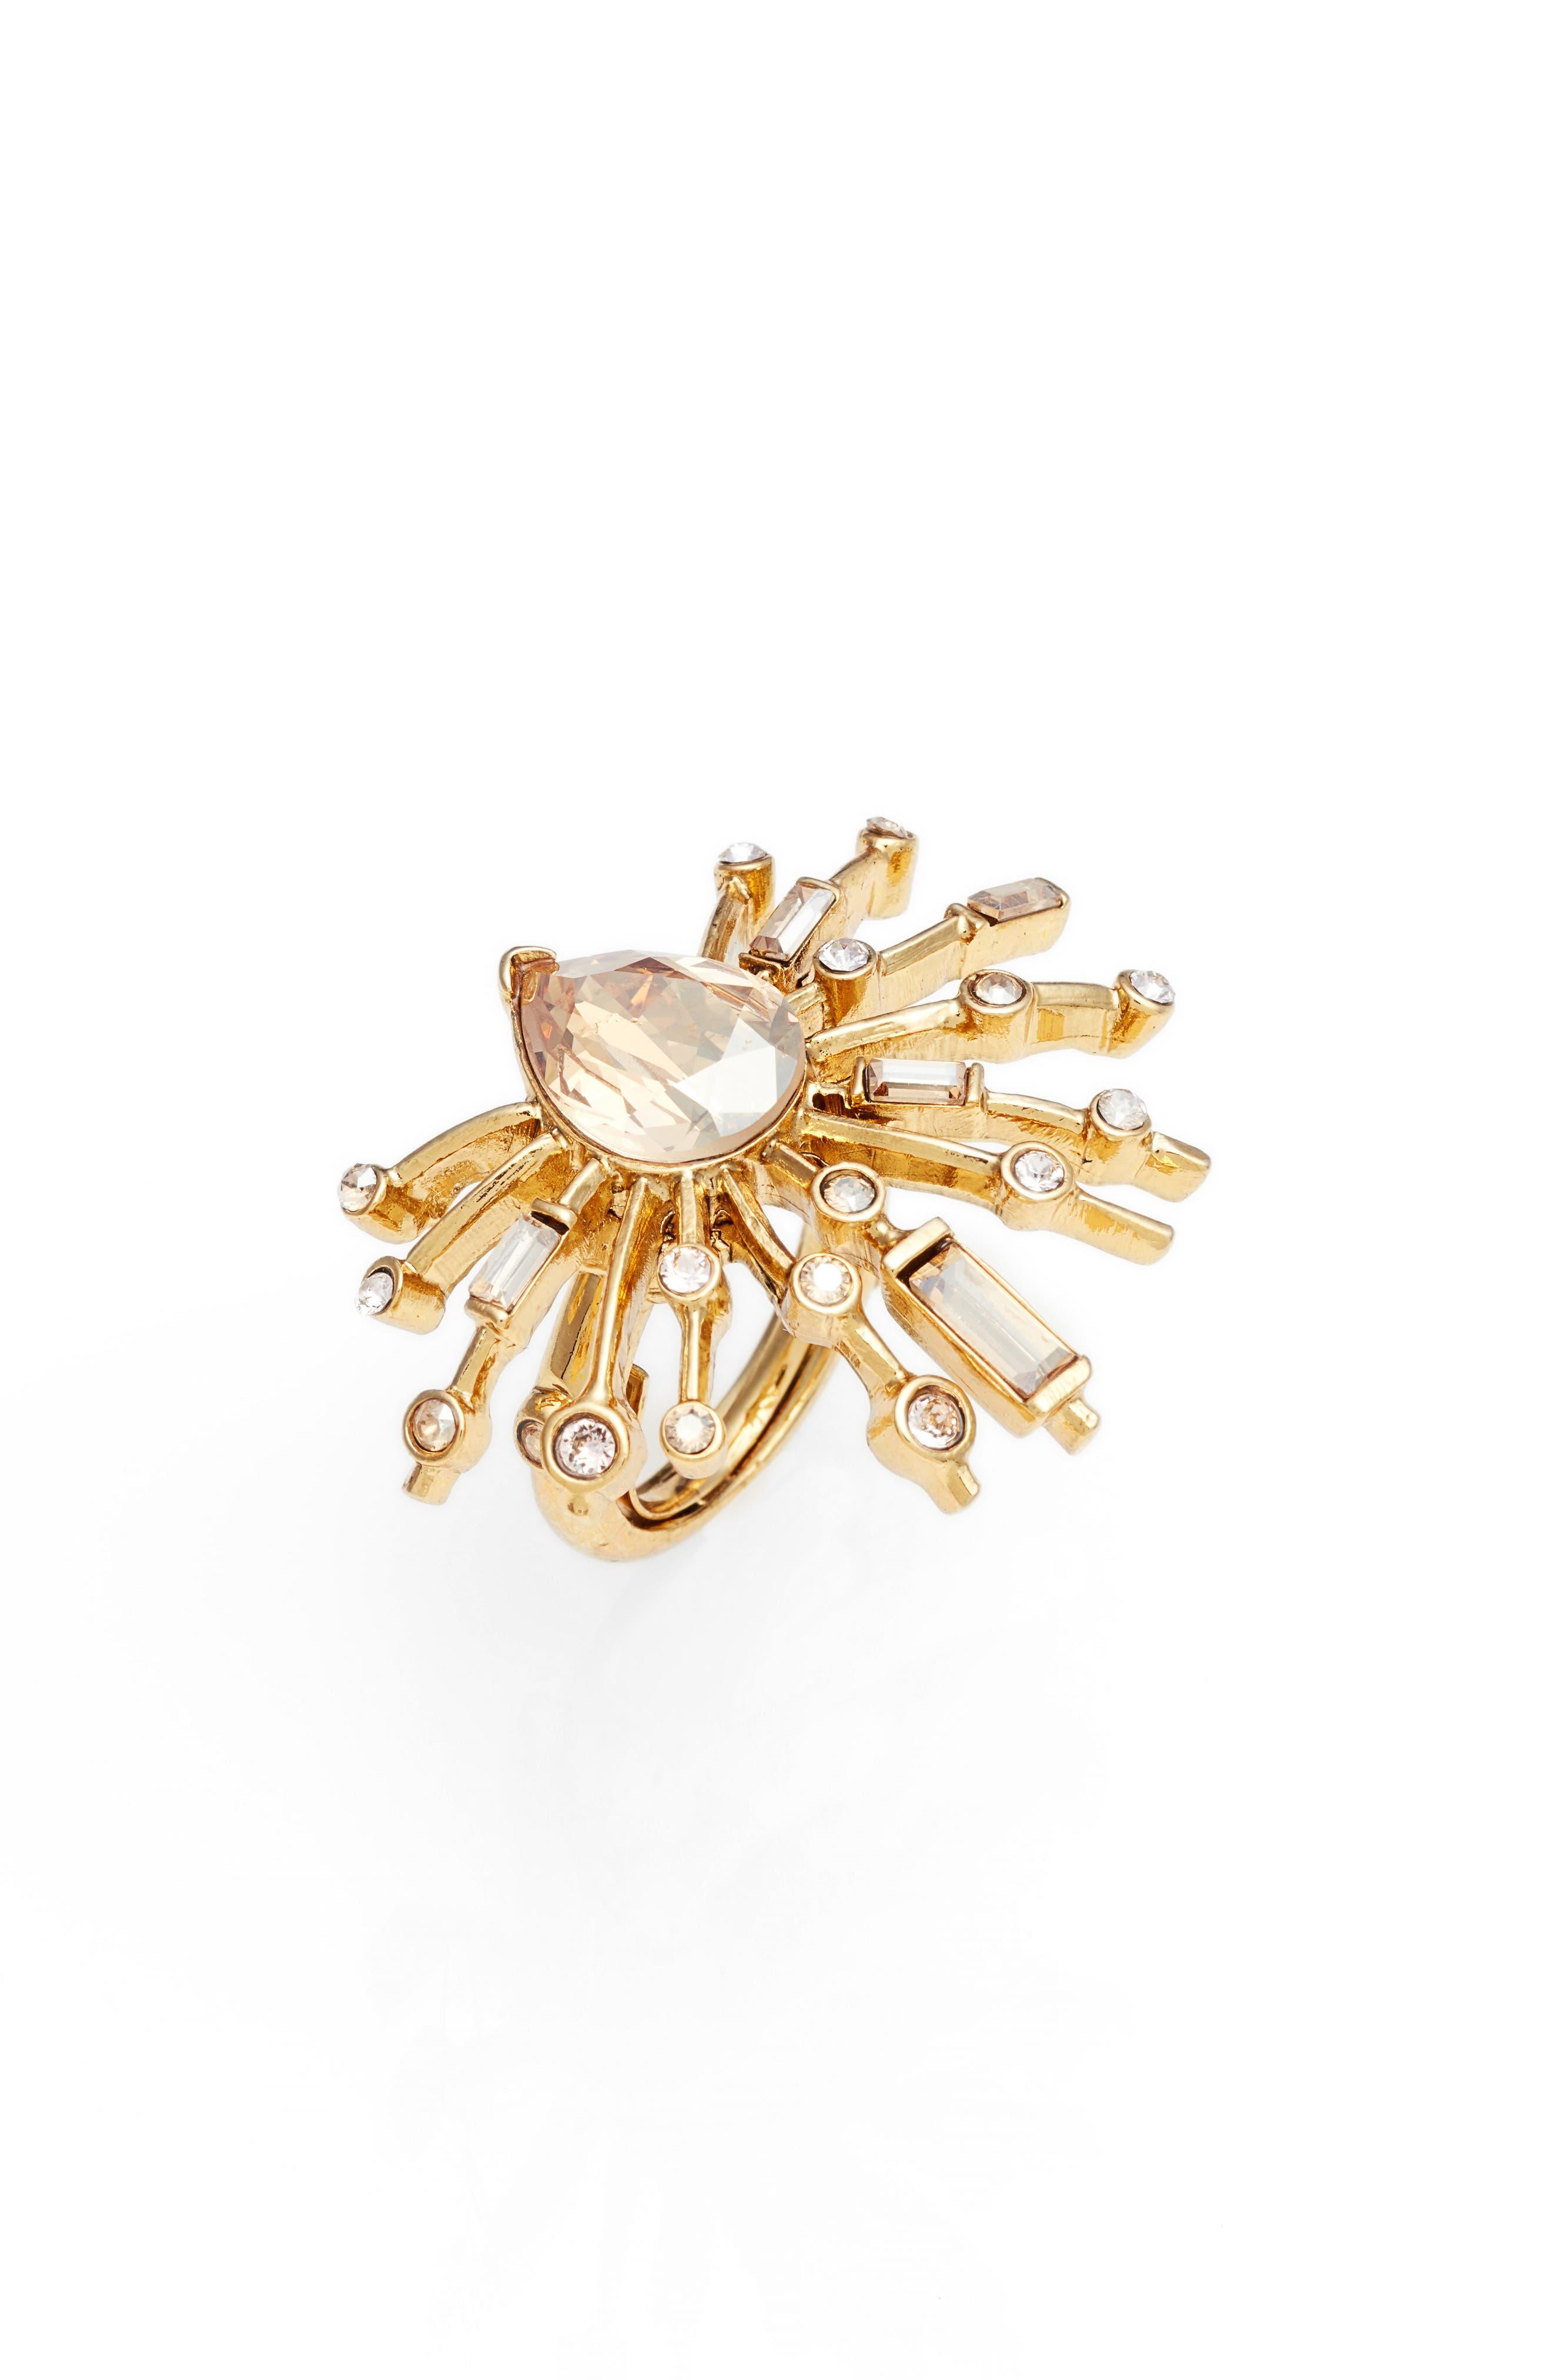 Main Image - Oscar de la Renta Radial Crystal Ring